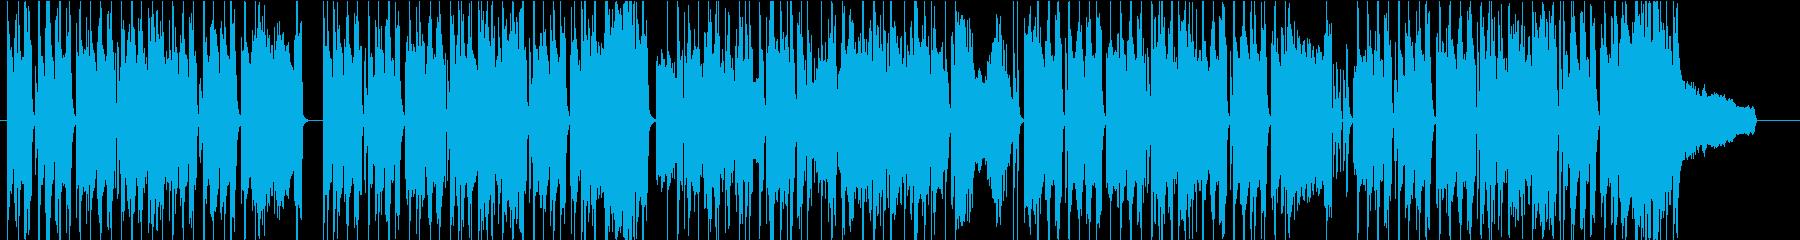 アニメ のんびり 48kHzの再生済みの波形